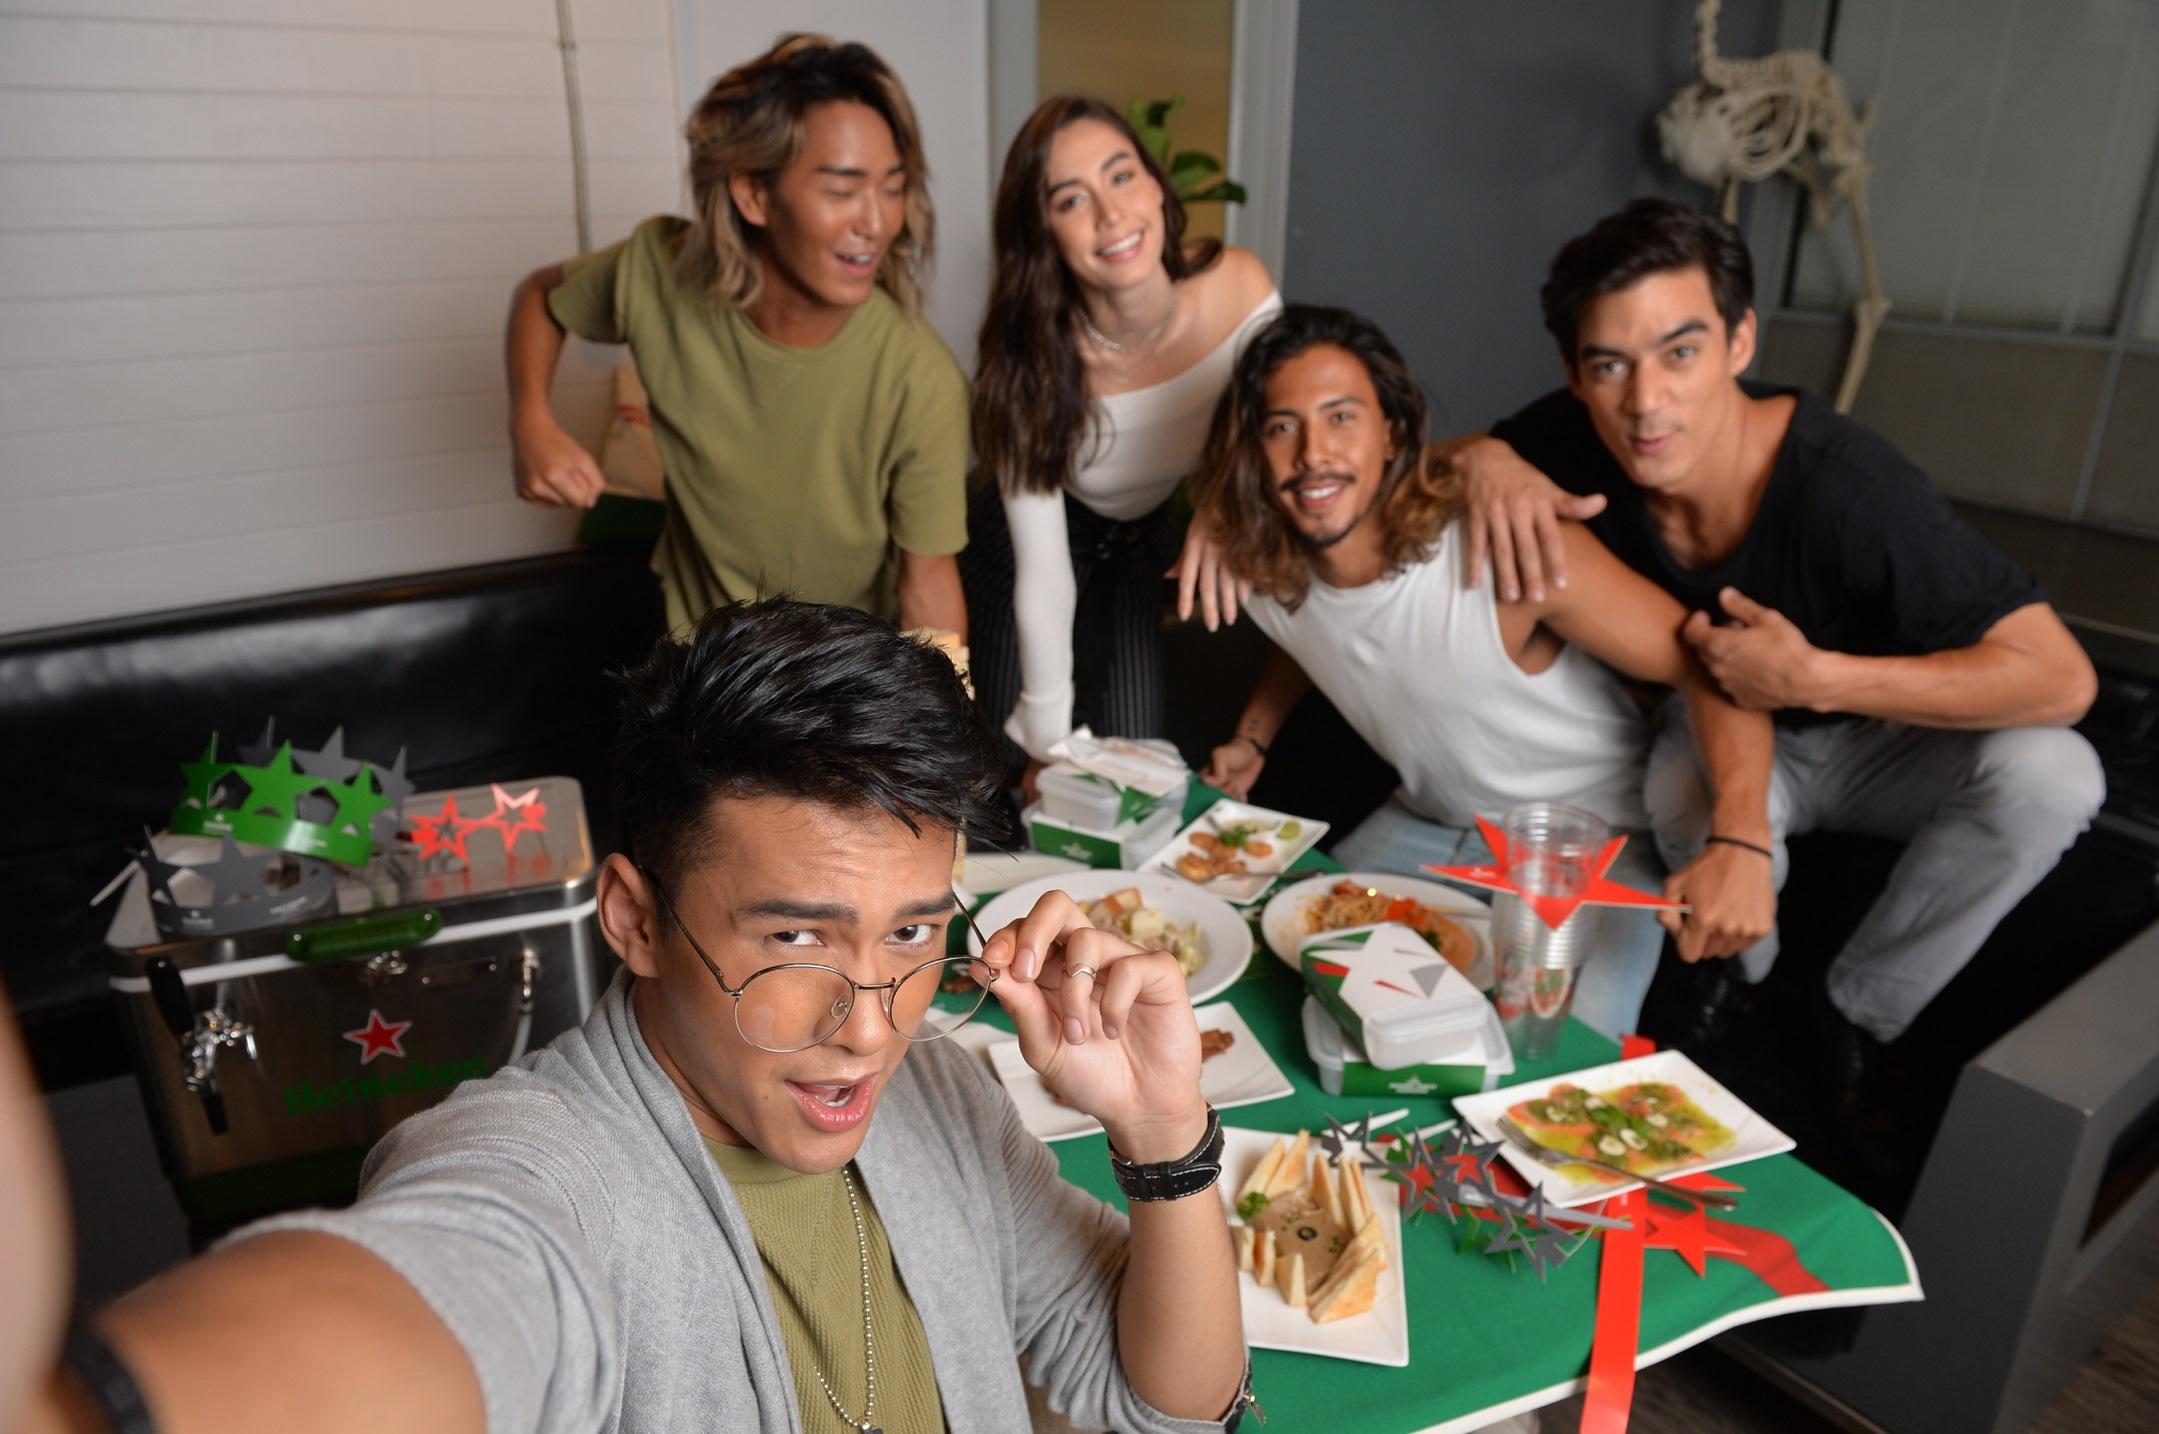 ฟิลลิปส์ชวนแก๊ง The Face Thailand รวมตัวเปิดบ้านปาร์ตี้ส่งท้ายปีสุดชิลล์ (10)